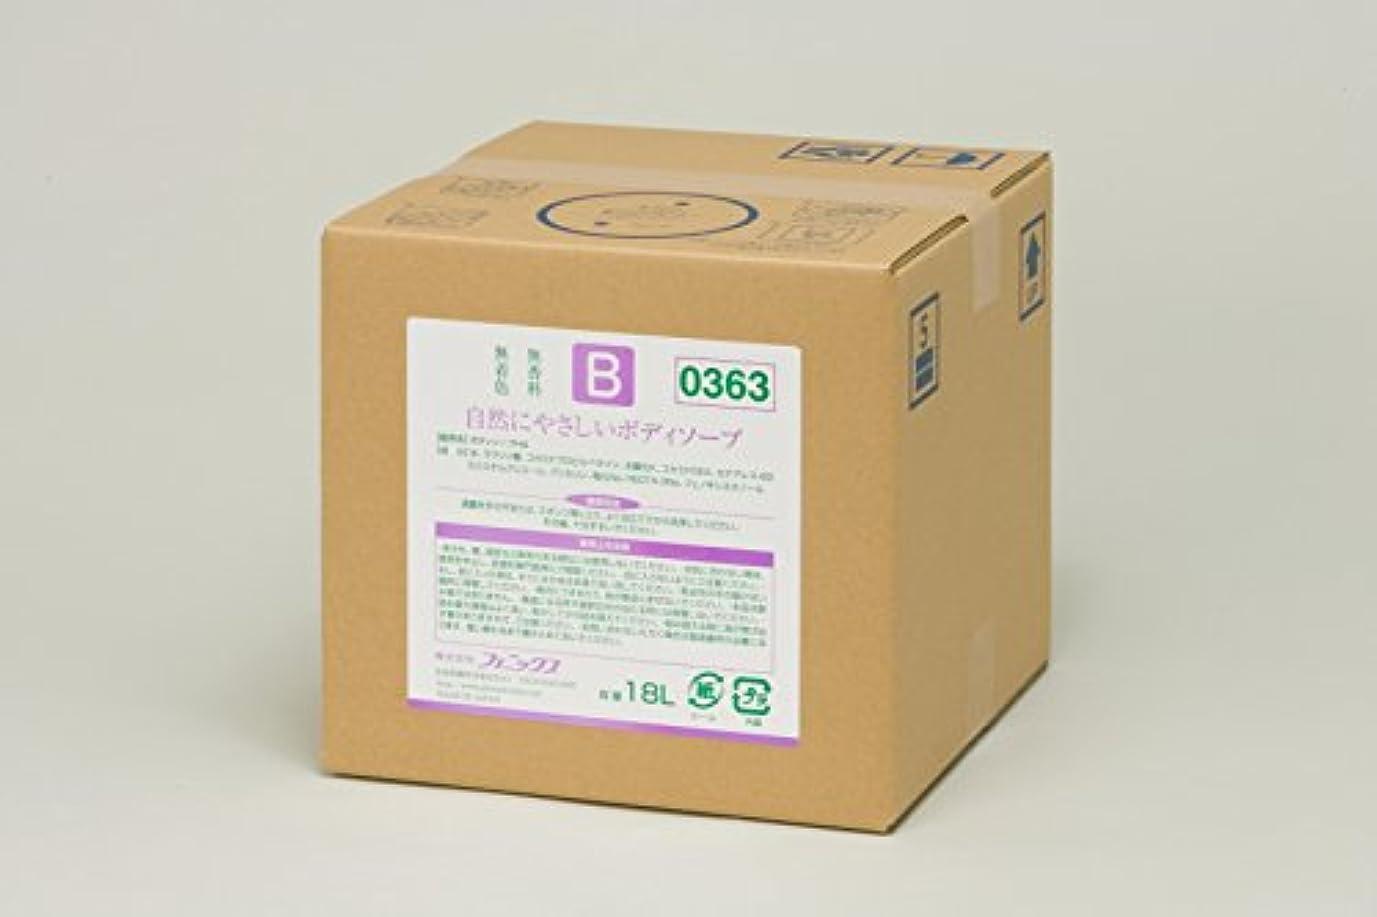 バイオリニスト憂鬱な柔和自然にやさしいボディソープ / 00090363 18L 1缶